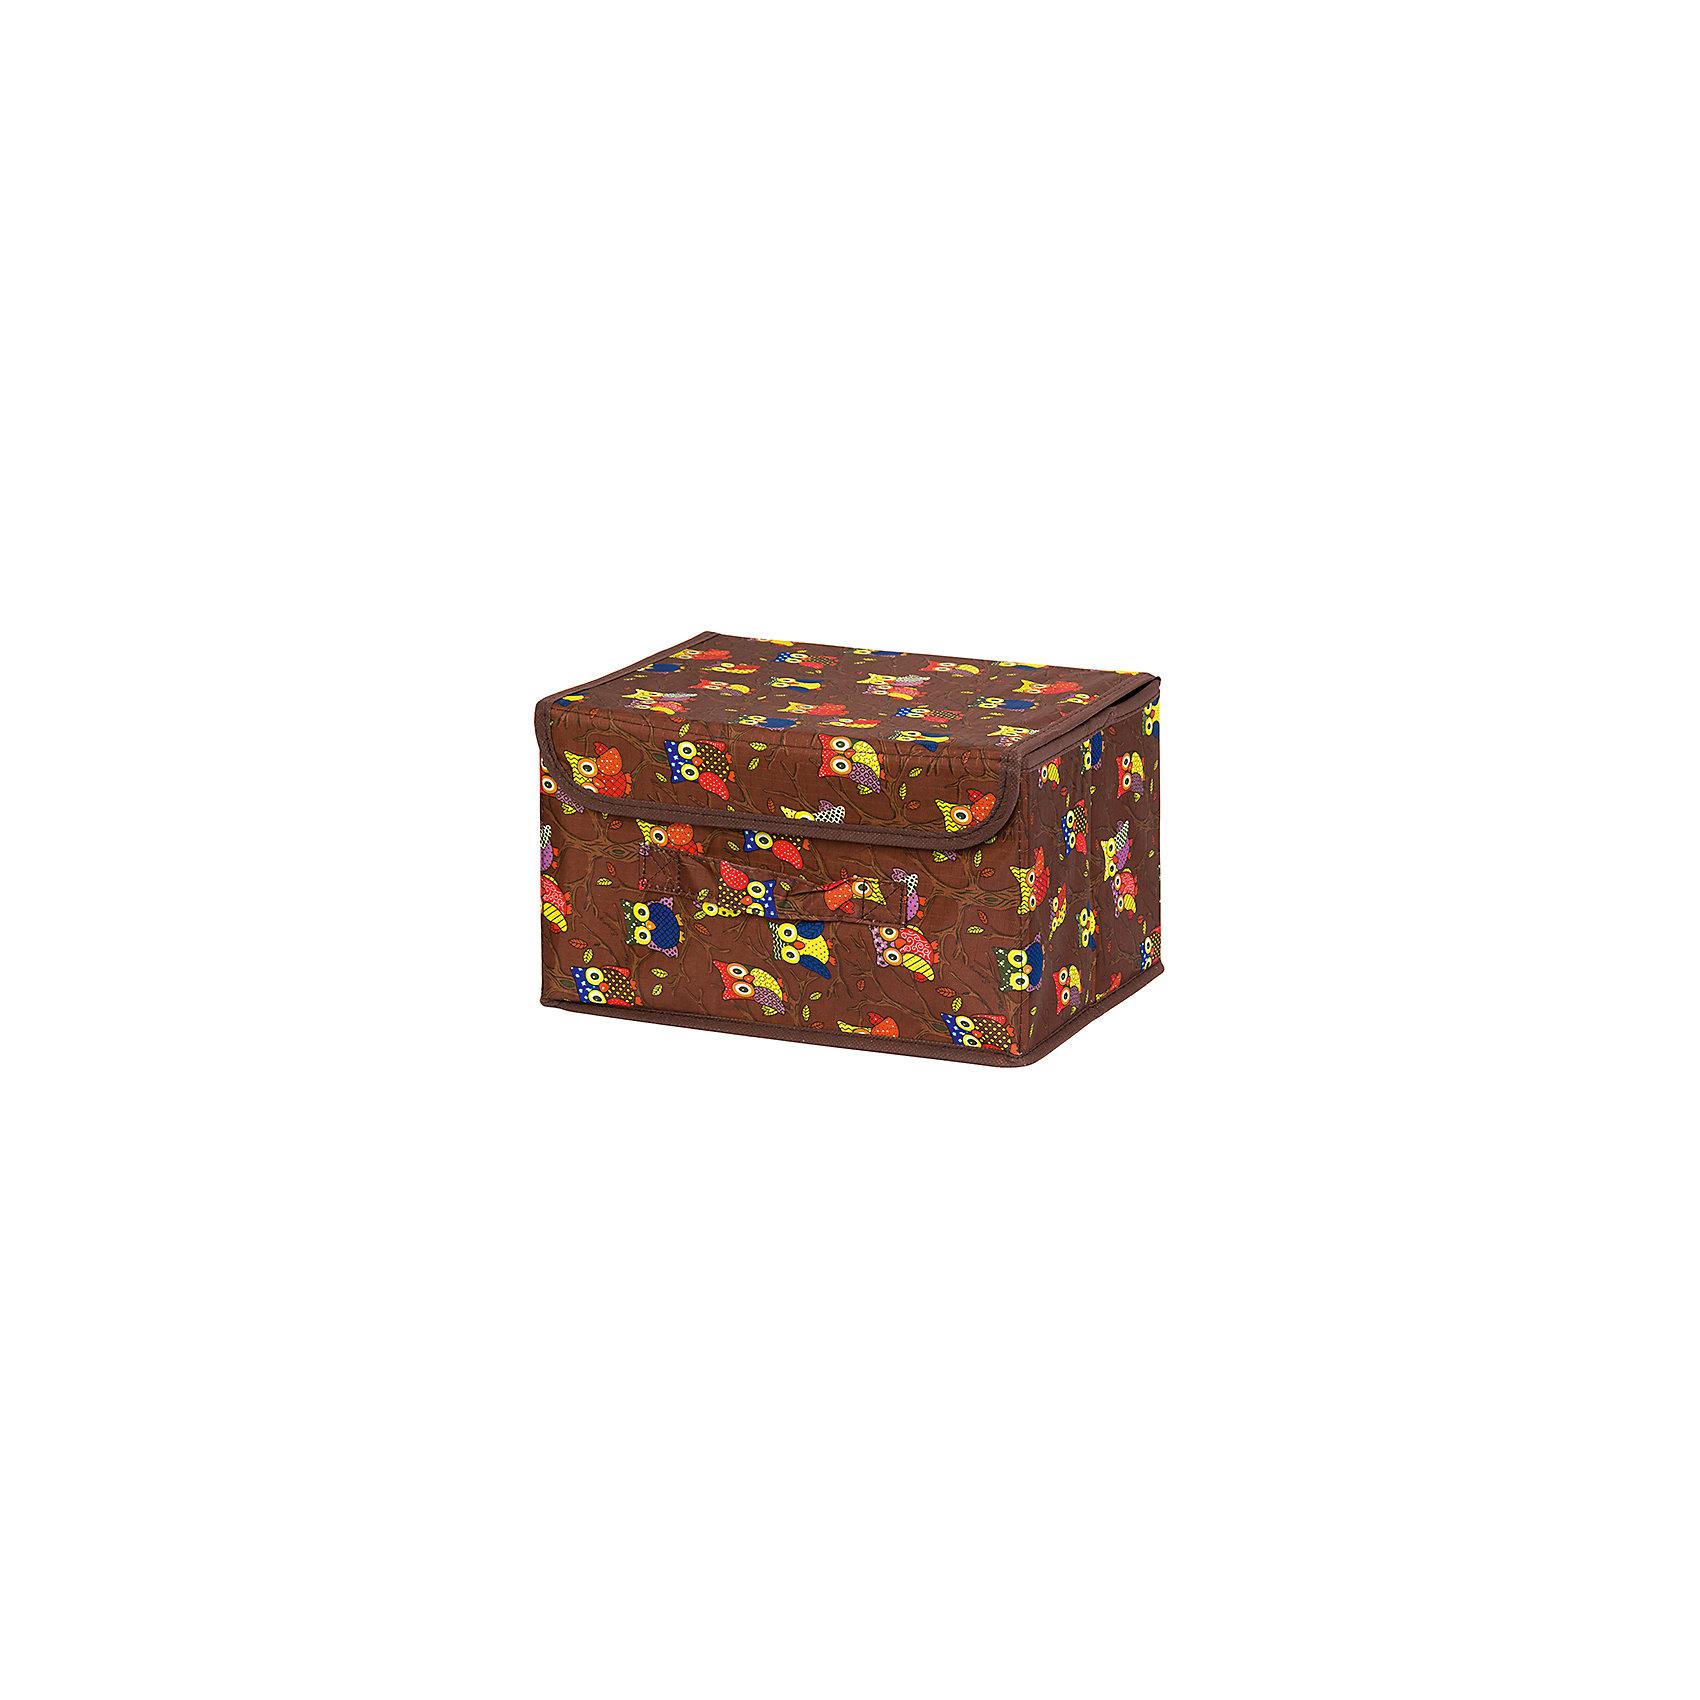 Кофр складной для хранения 26*20*16 см. Совы на ветках на коричневом, EL CasaПорядок в детской<br>Характеристики товара:<br><br>• цвет: мульти<br>• материал: текстиль (полиэстер), картон<br>• размер: 26 х 20 х 16 см<br>• вес: 400 г<br>• декорирован принтом<br>• с жестким каркасом<br>• легко складывается и раскладывается<br>• удобный<br>• с крышкой и ручкой<br>• универсальный размер<br>• страна бренда: Российская Федерация<br>• страна производства: Китай<br><br>Такой кофр - отличный пример красивой и функциональной вещи для любого интерьера. В нем удобной хранить различные мелочи, благодаря универсальному дизайну и расцветке он хорошо будет смотреться в помещении.<br><br>Кофр с жёстким каркасом для хранения может стать отличным приобретением для дома или подарком для любителей красивых оригинальных вещей.<br><br>Бренд EL Casa - это красивые и практичные товары для дома с современным дизайном. Они добавляют в жильё уюта и комфорта! <br><br>Кофр складной для хранения 26*20*16 см. Совы на ветках на коричневом, EL Casa можно купить в нашем интернет-магазине.<br><br>Ширина мм: 270<br>Глубина мм: 210<br>Высота мм: 27<br>Вес г: 400<br>Возраст от месяцев: 0<br>Возраст до месяцев: 1188<br>Пол: Унисекс<br>Возраст: Детский<br>SKU: 6668733